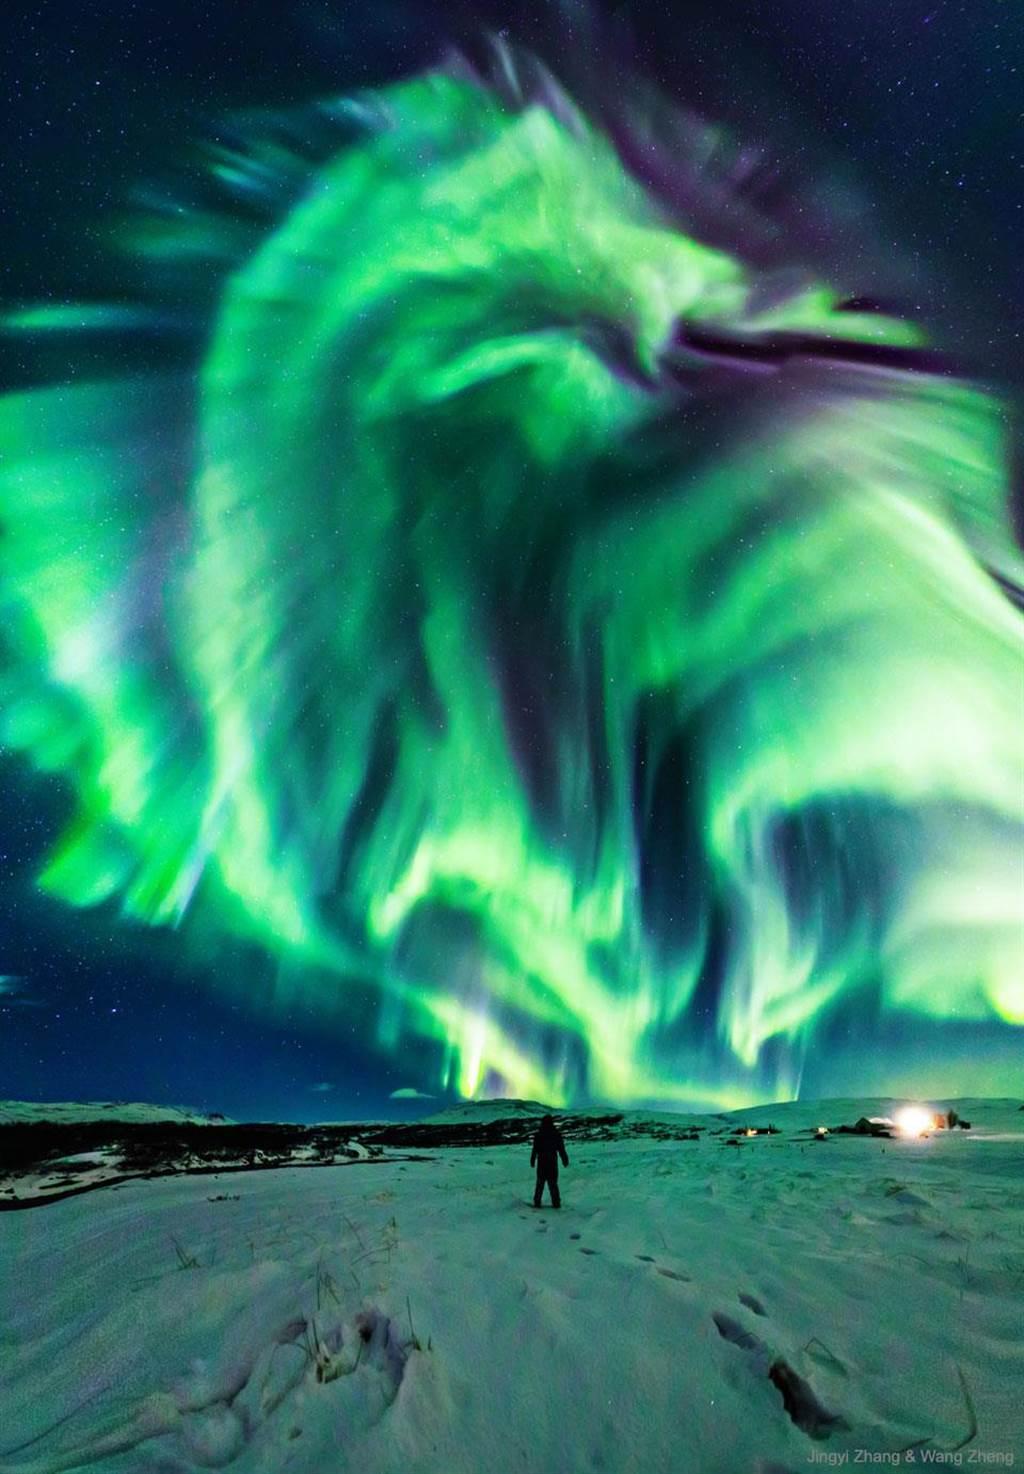 這片極光彷彿呈現龍的模樣,張牙咧嘴還從鼻中噴出火焰,身後的極光則像是龍身,一旁還有雙翼(圖翻攝自/Astronomy Picture of the Day)